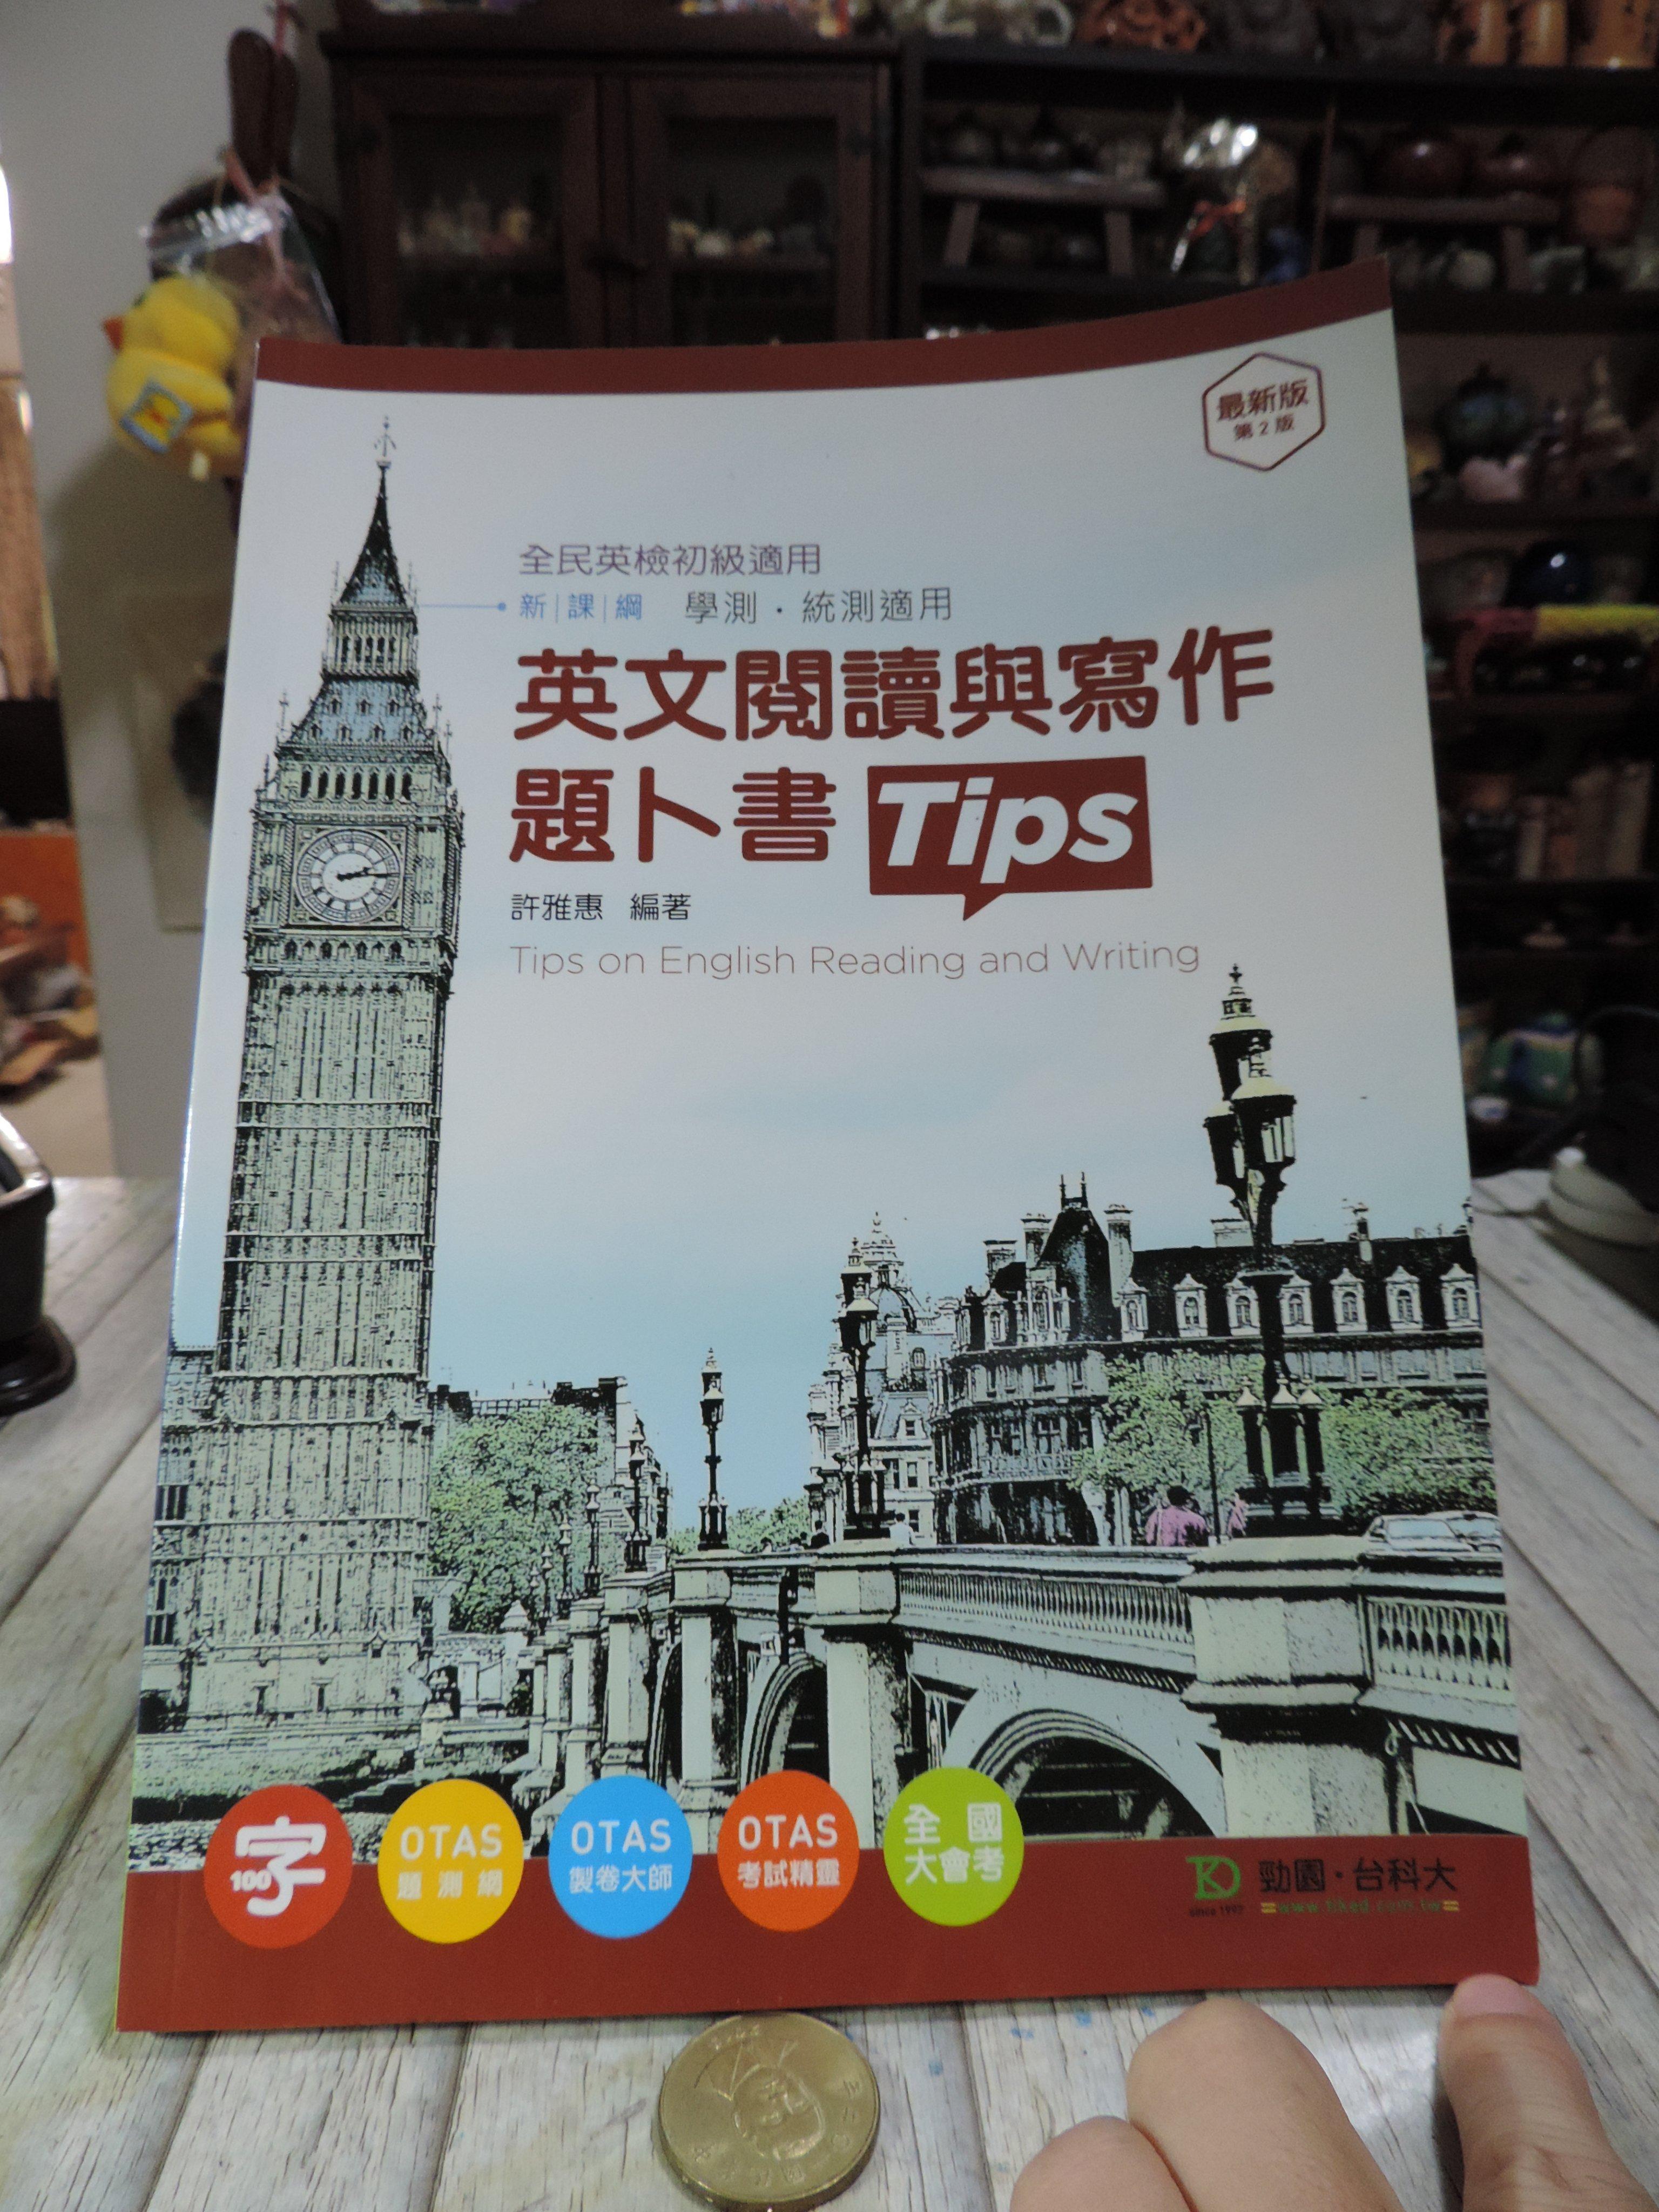 全民英檢初級 升科大四技 英文閱讀與寫作 台科大圖書 題卜書系列 Tips ~學測. 統測 ~ 許雅惠 編著